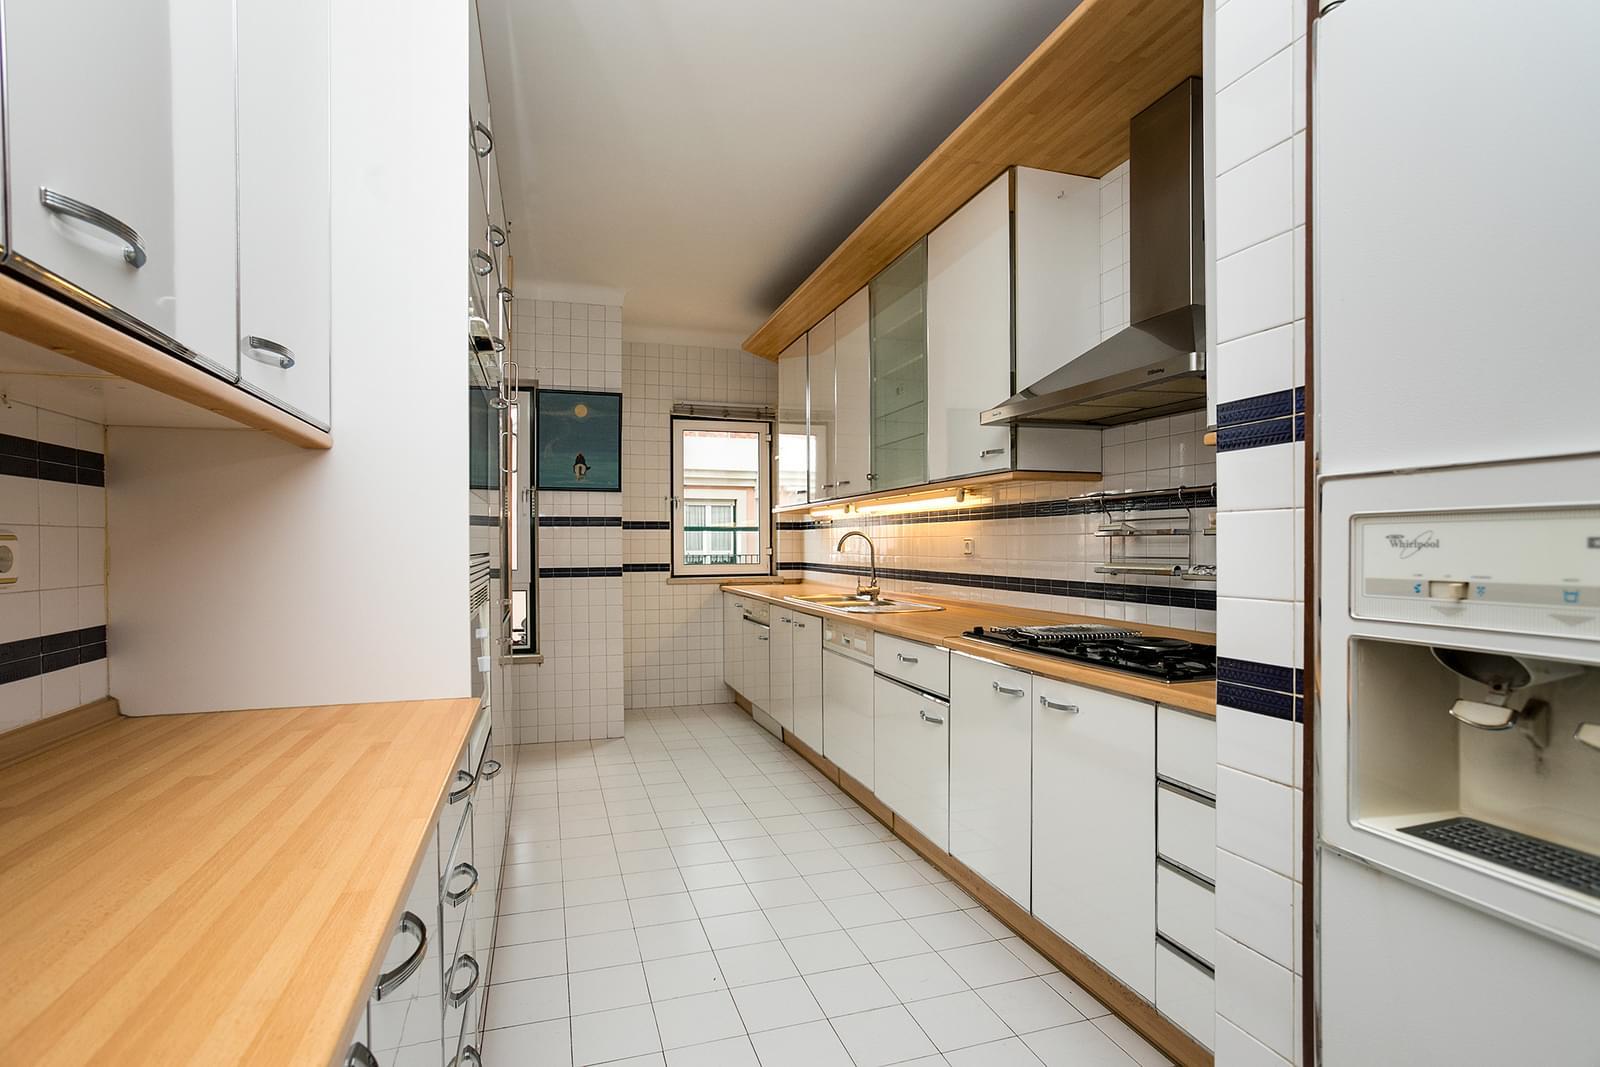 pf17352-apartamento-t3-lisboa-6b0be939-c7a5-4b2d-81a4-324137d4fdb6